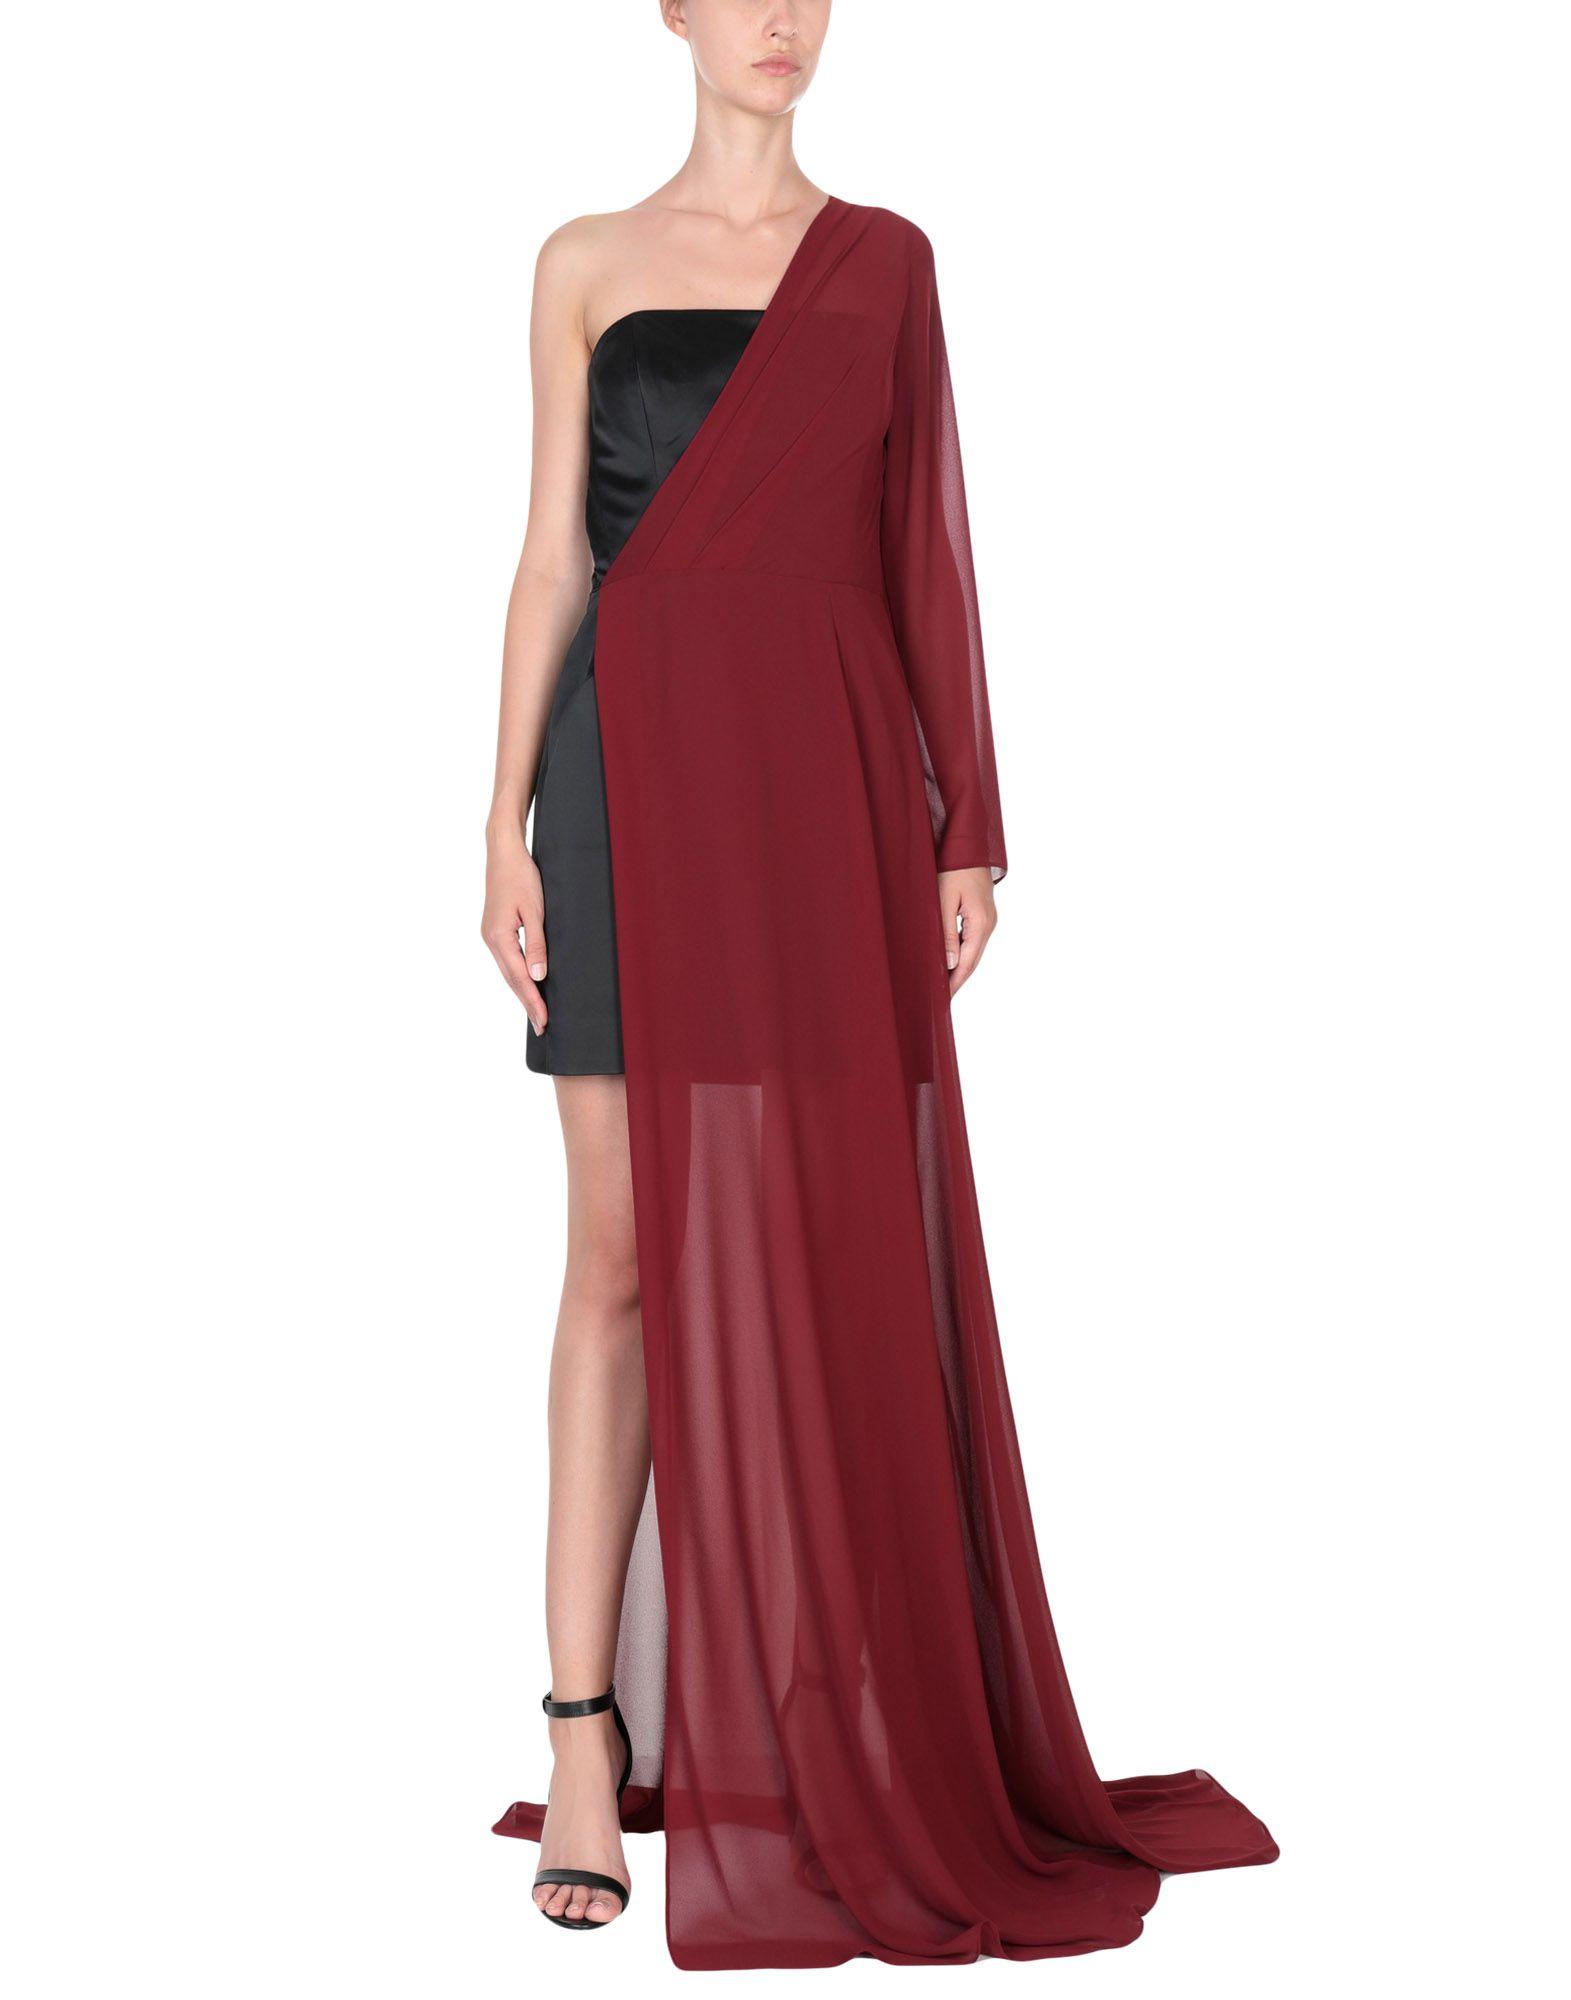 STEFANO DE LELLIS Long Dresses in Maroon